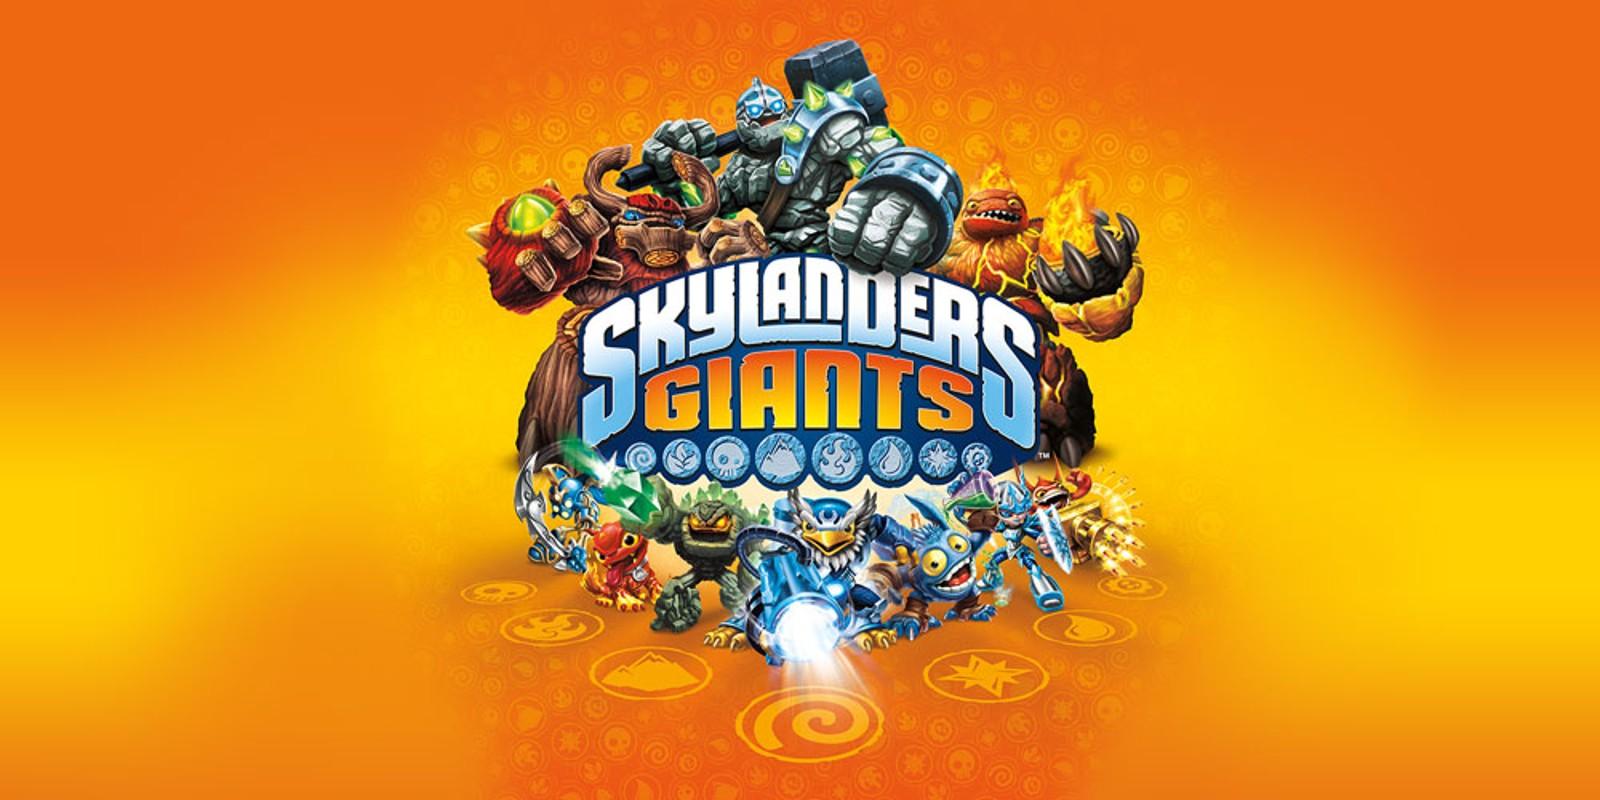 Zelda Hd Wallpaper Skylanders Giants Wii U Games Nintendo